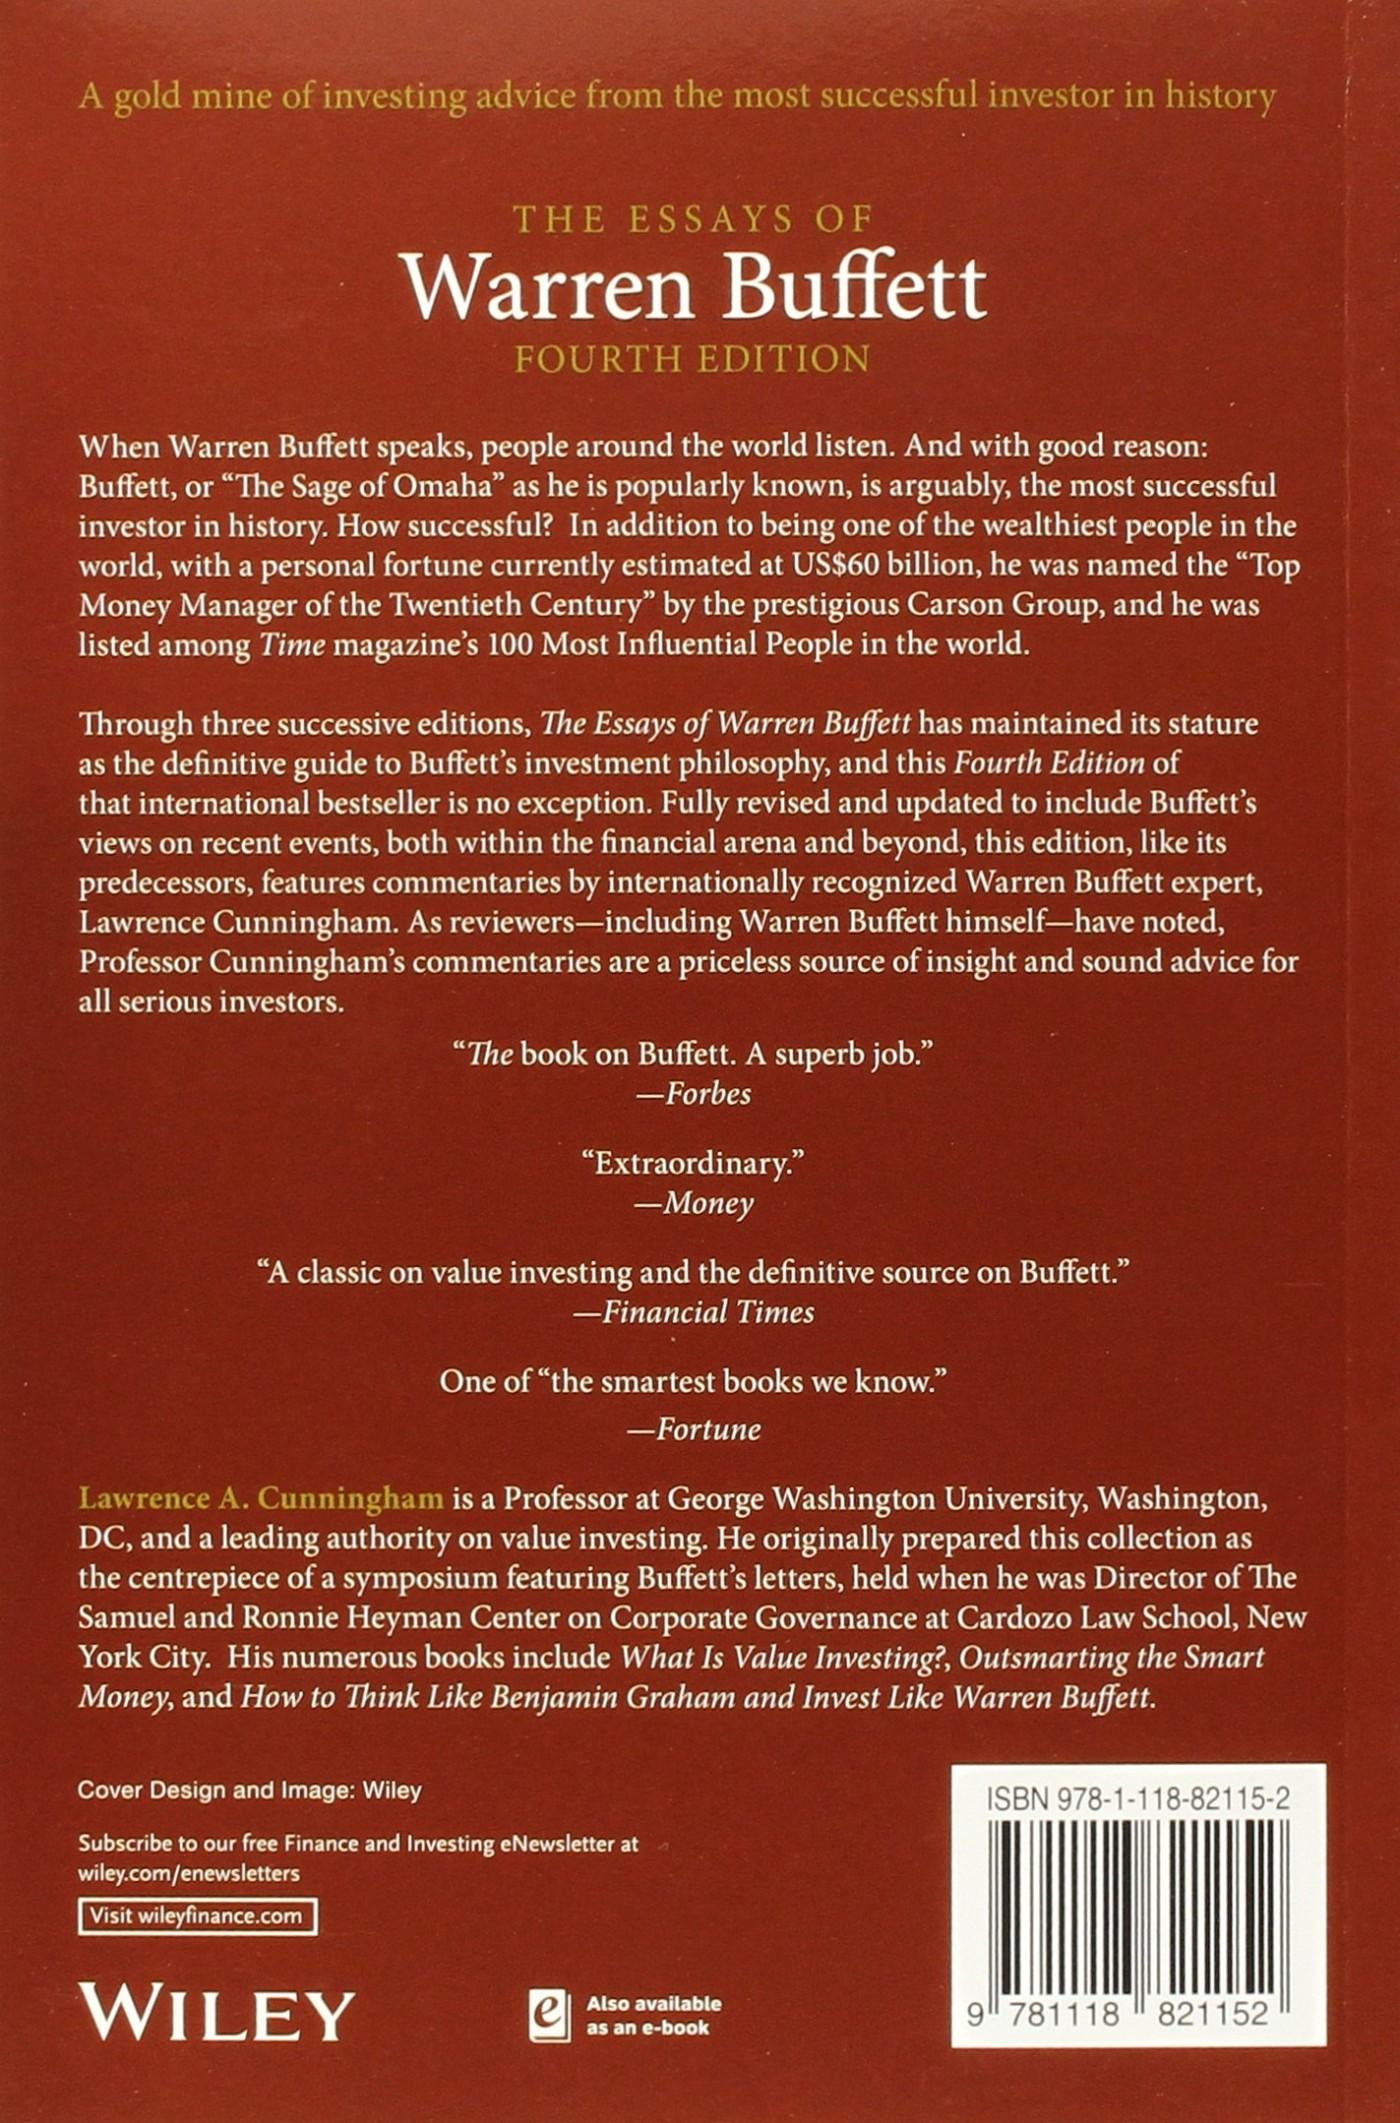 007 91viw96oq0l Die Essays Von Warren Buffett Essay Archaicawful Das Buch Für Investoren Und Unternehmer Pdf 1400